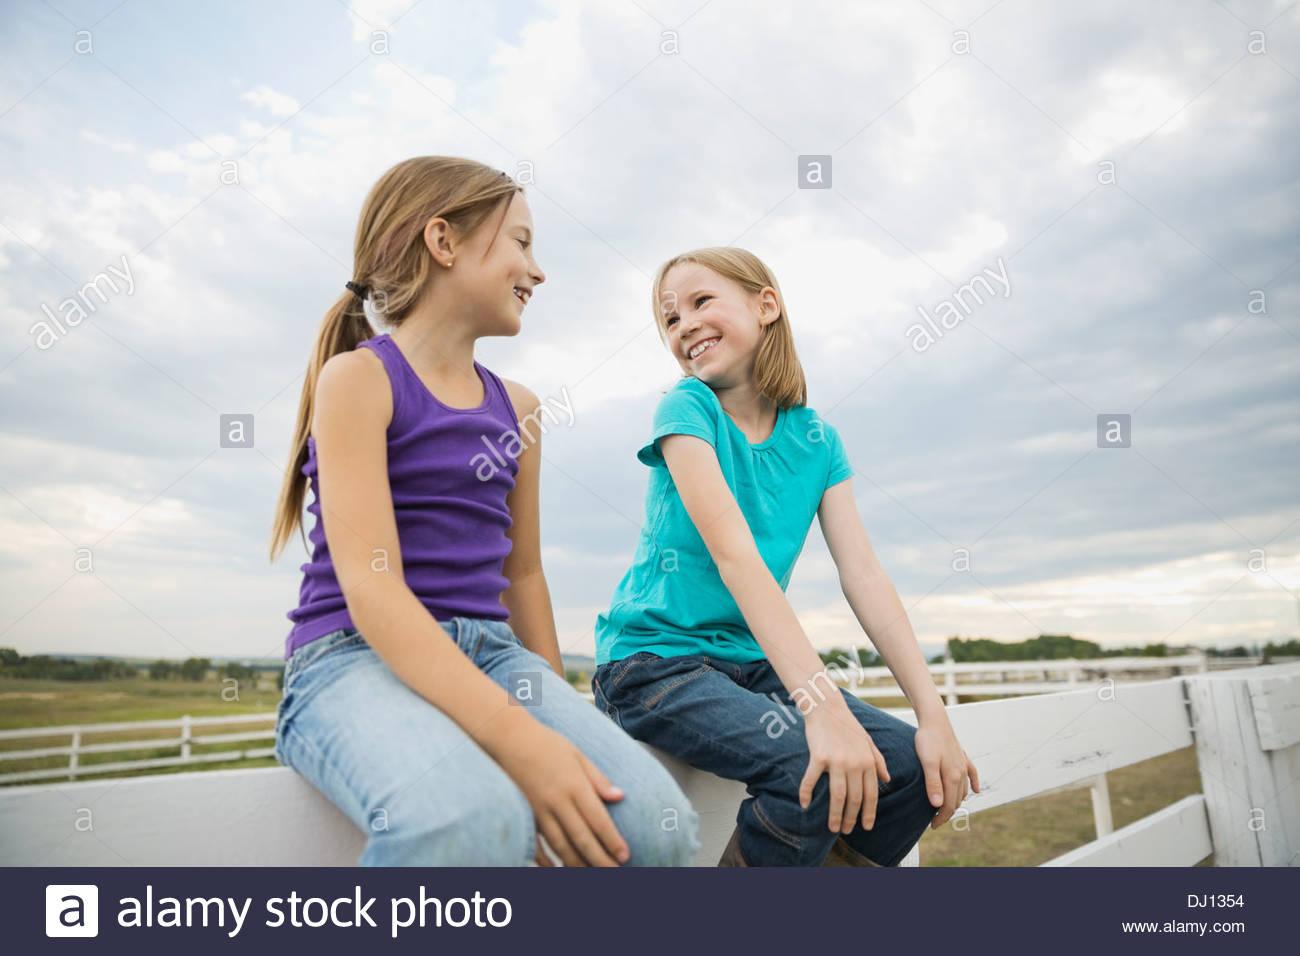 Smiling sisters sitting sur main courante à l'un l'autre Photo Stock